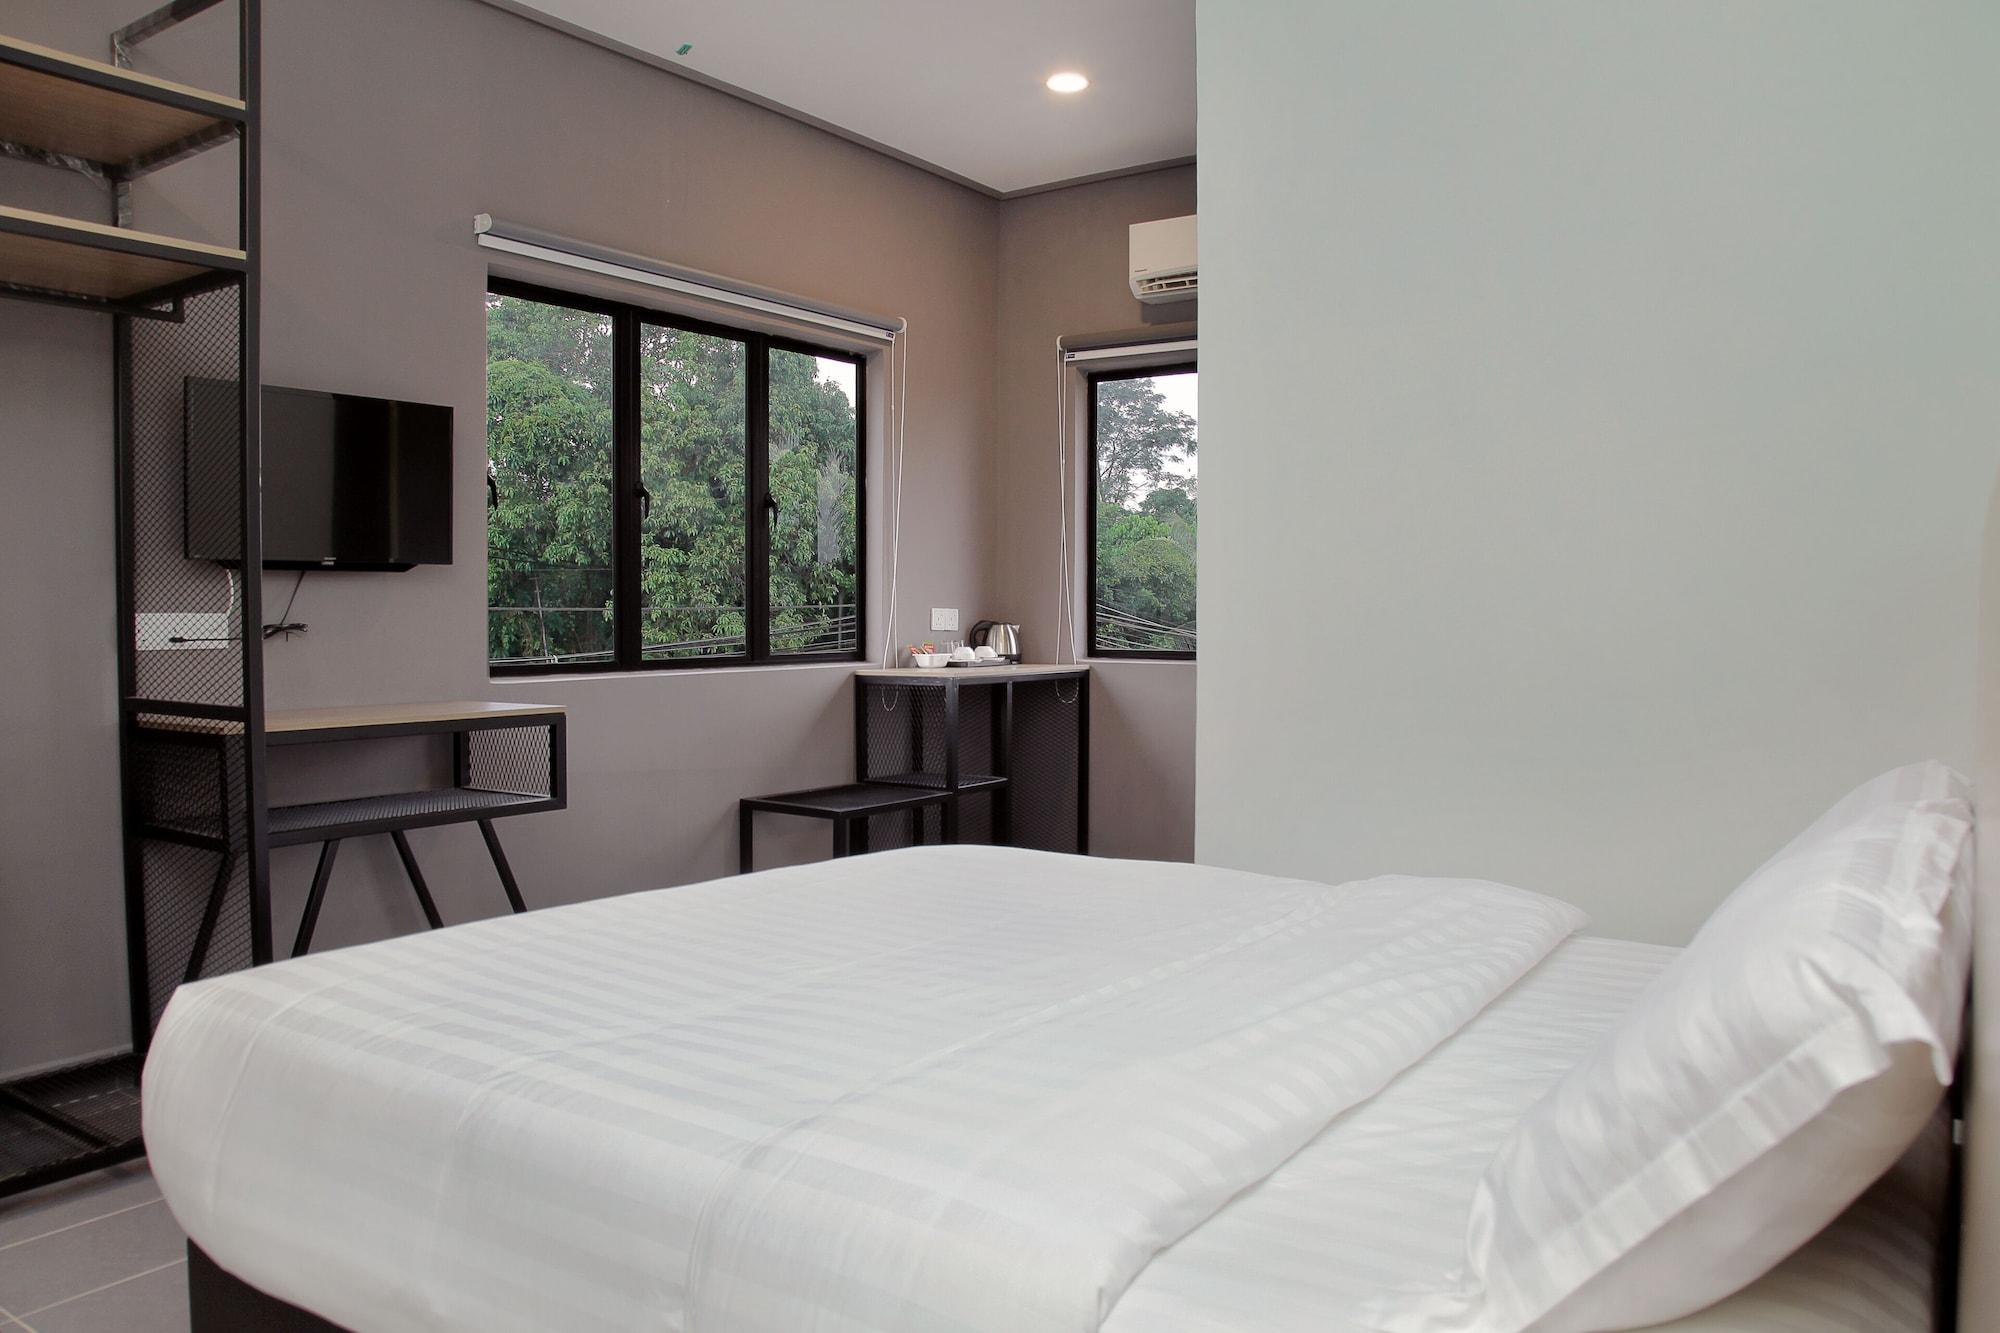 Hotel Ali Imran, Kuala Lumpur